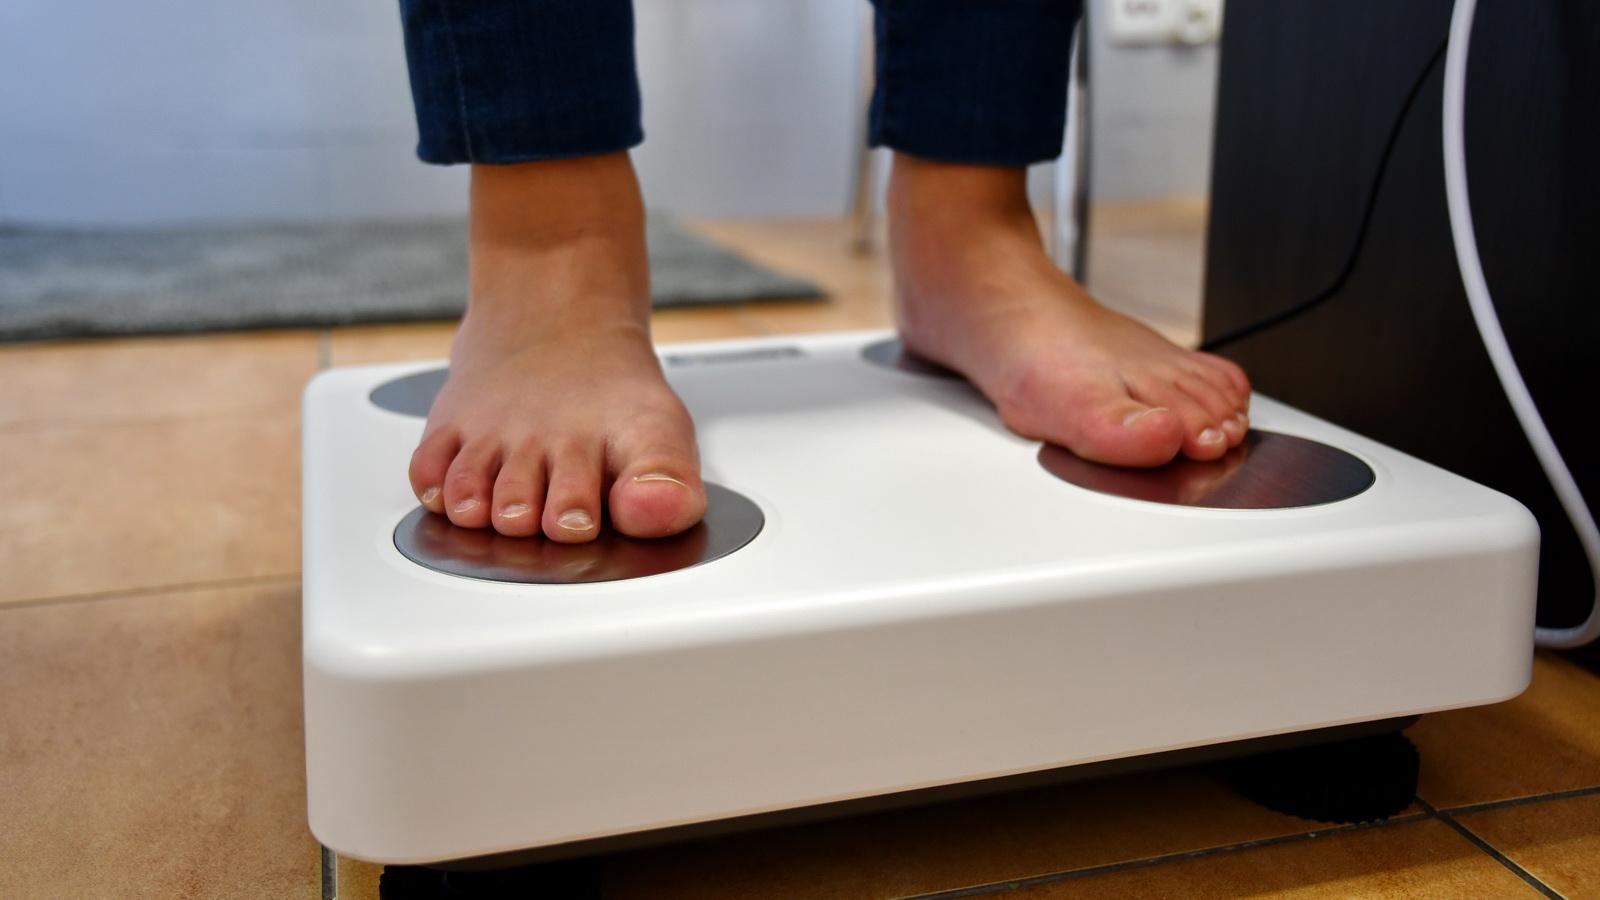 ważenie i analiza składu ciała